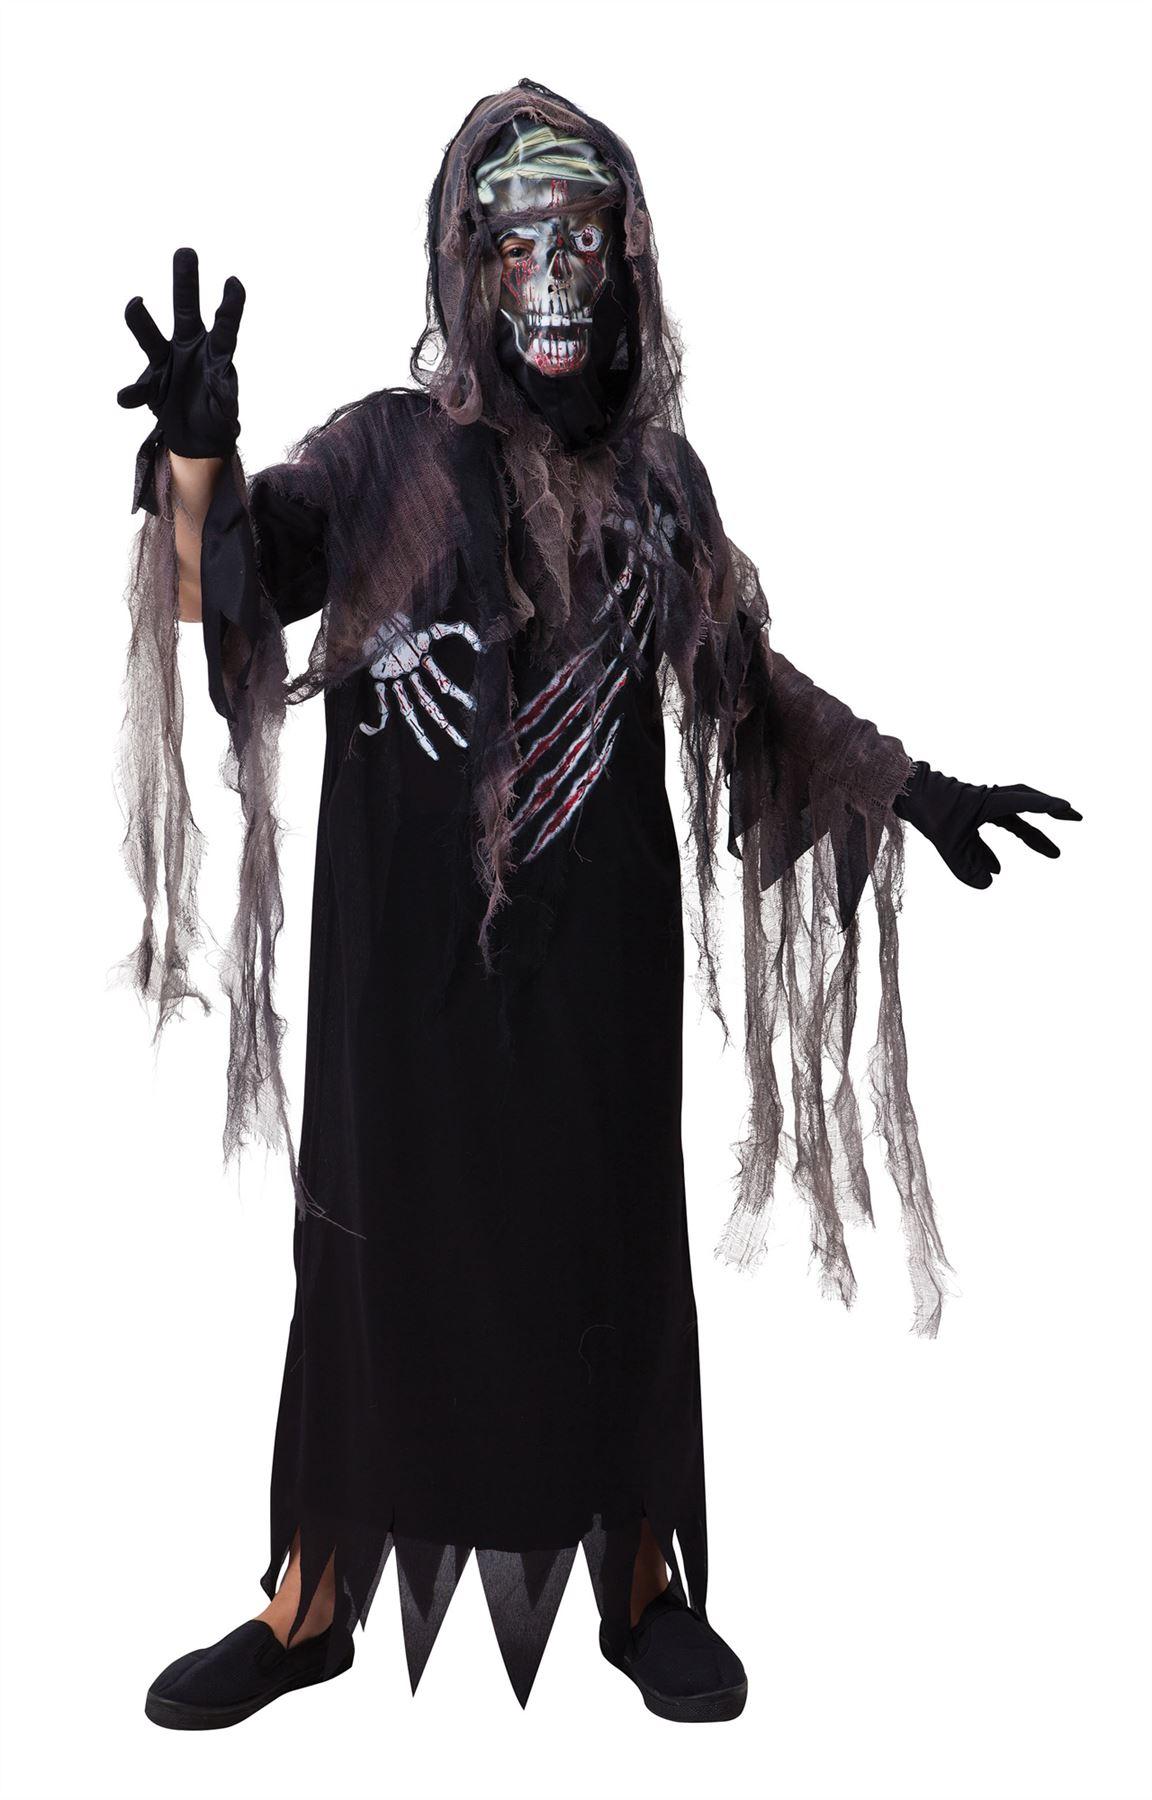 e47177635f7db6 Enfant terreur Reaper costumes enfants garçons filles Halloween Zombie  Ghost Déguisements. cliquez sur l image pour l agrandir